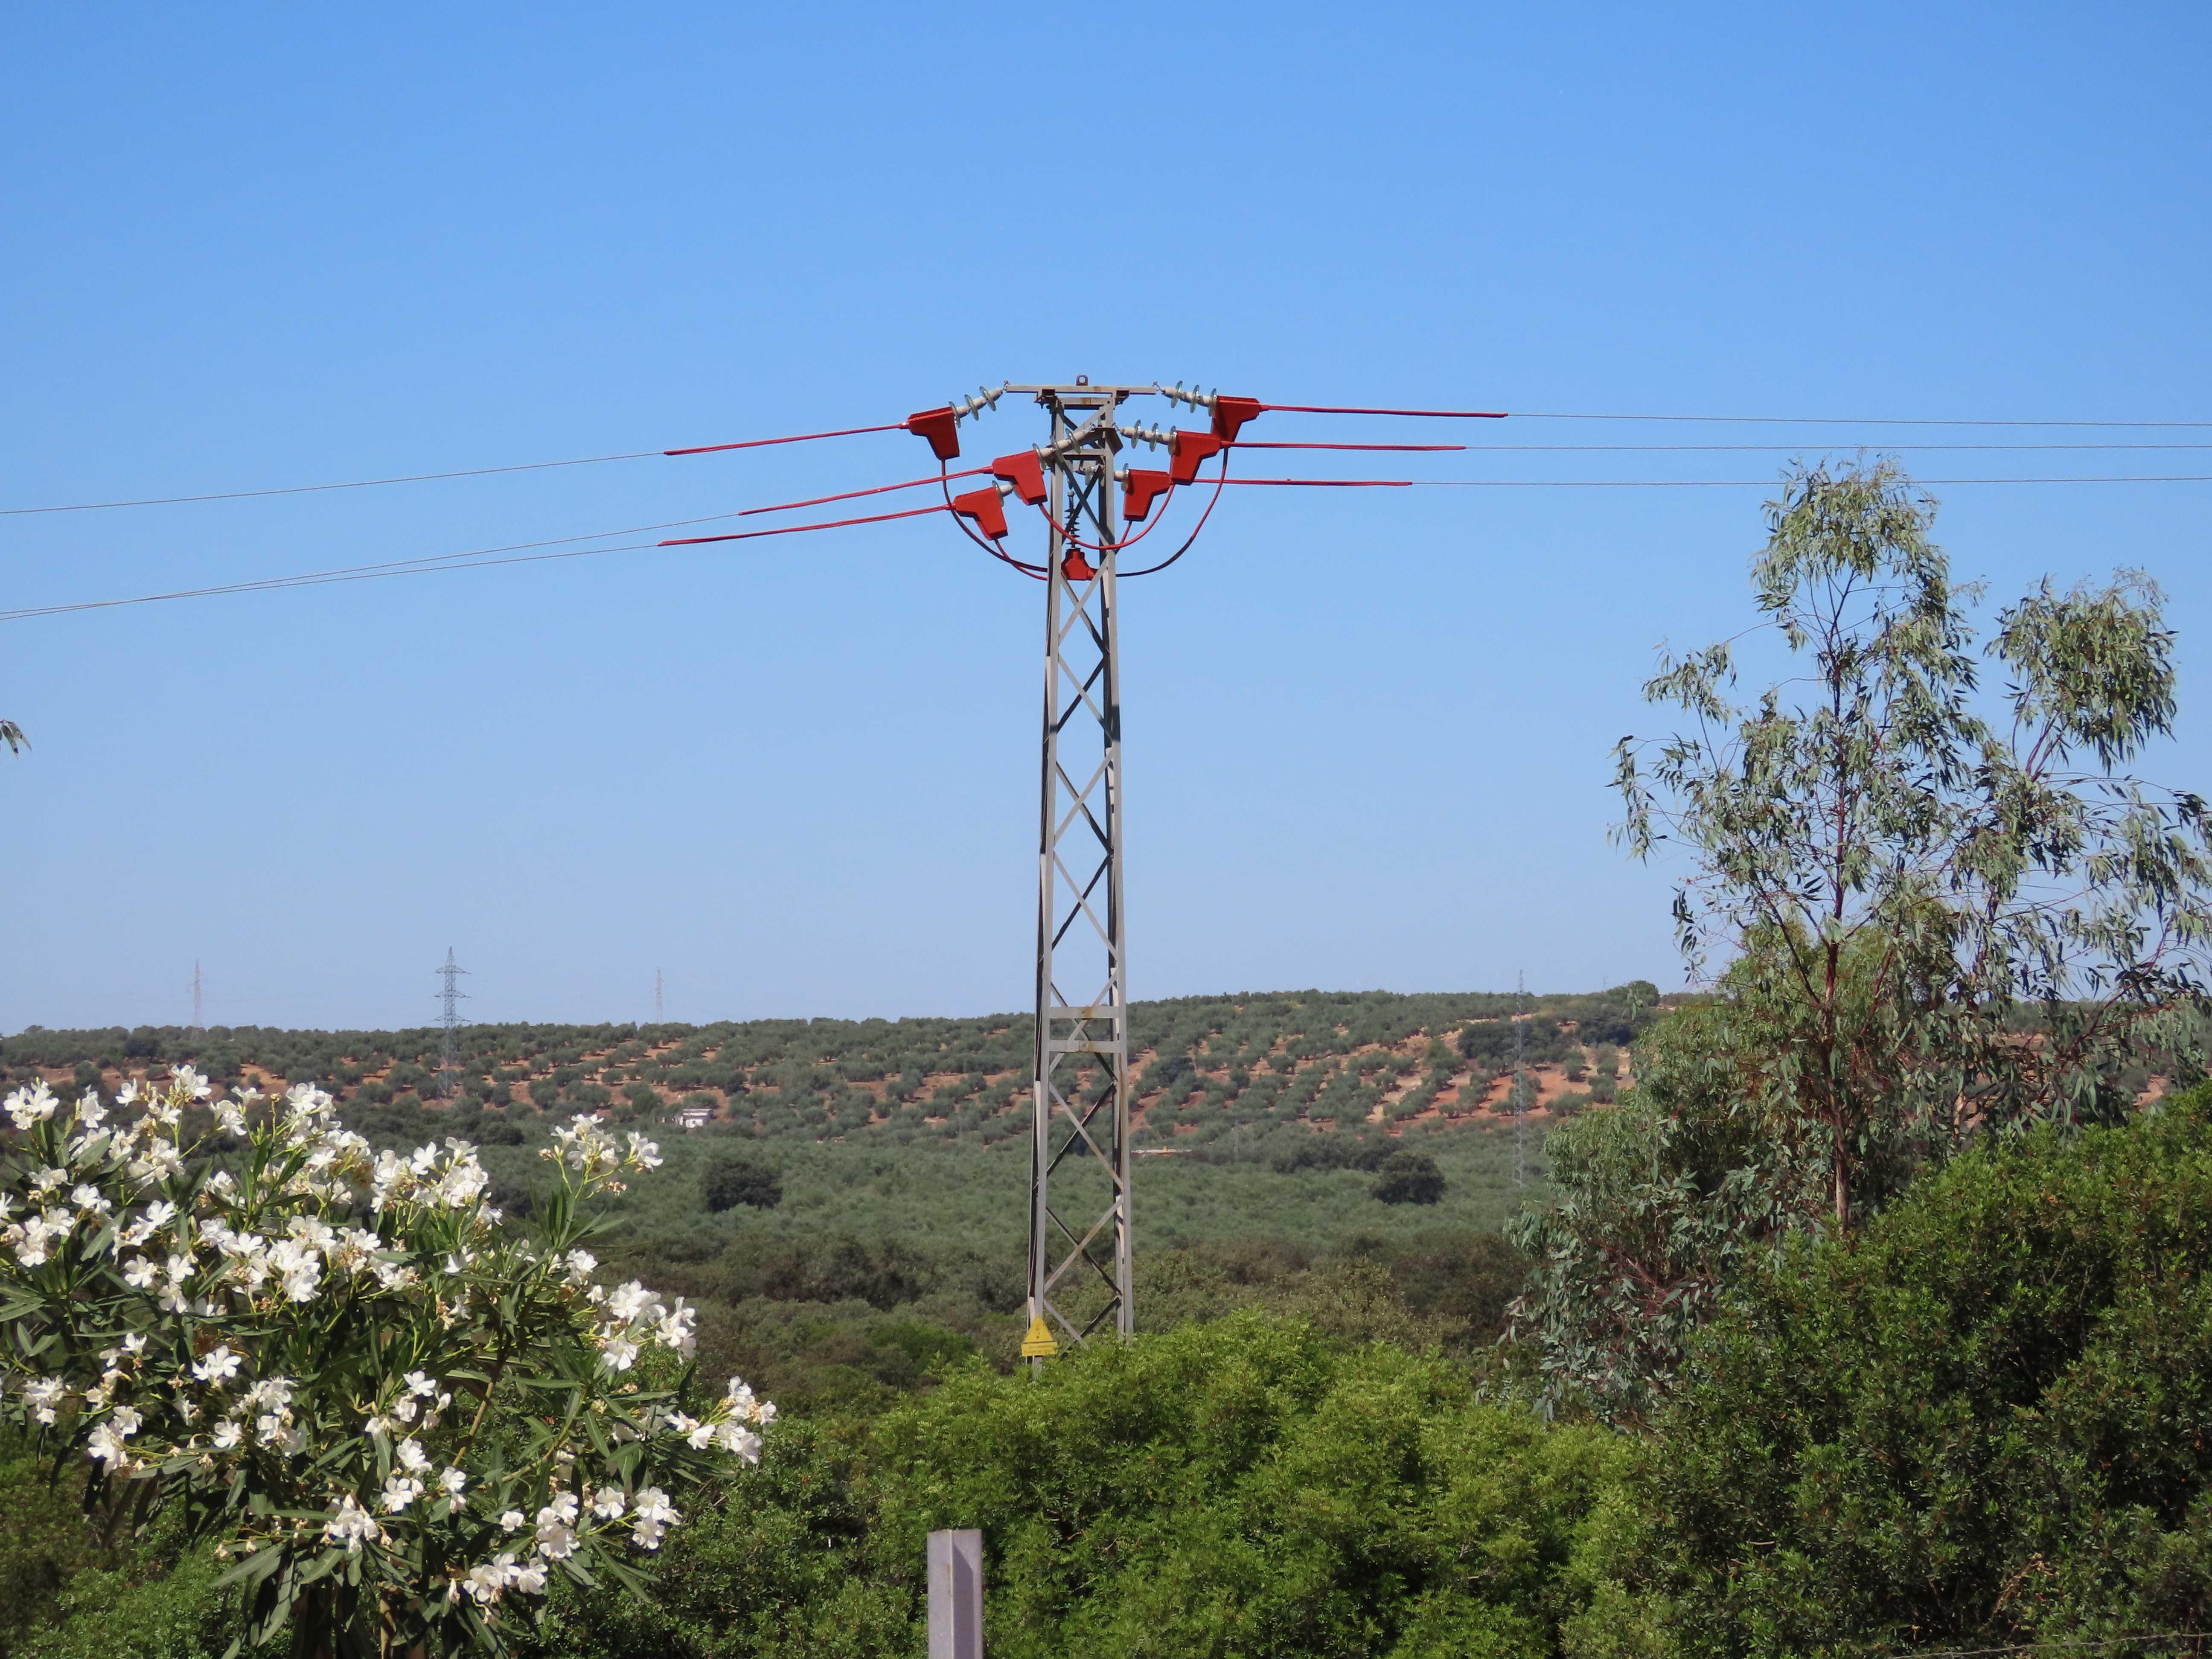 Uno de los apoyos, ya aislado, del tendido eléctrico corregido en la provincia de Jaén. Imagen: GREFA